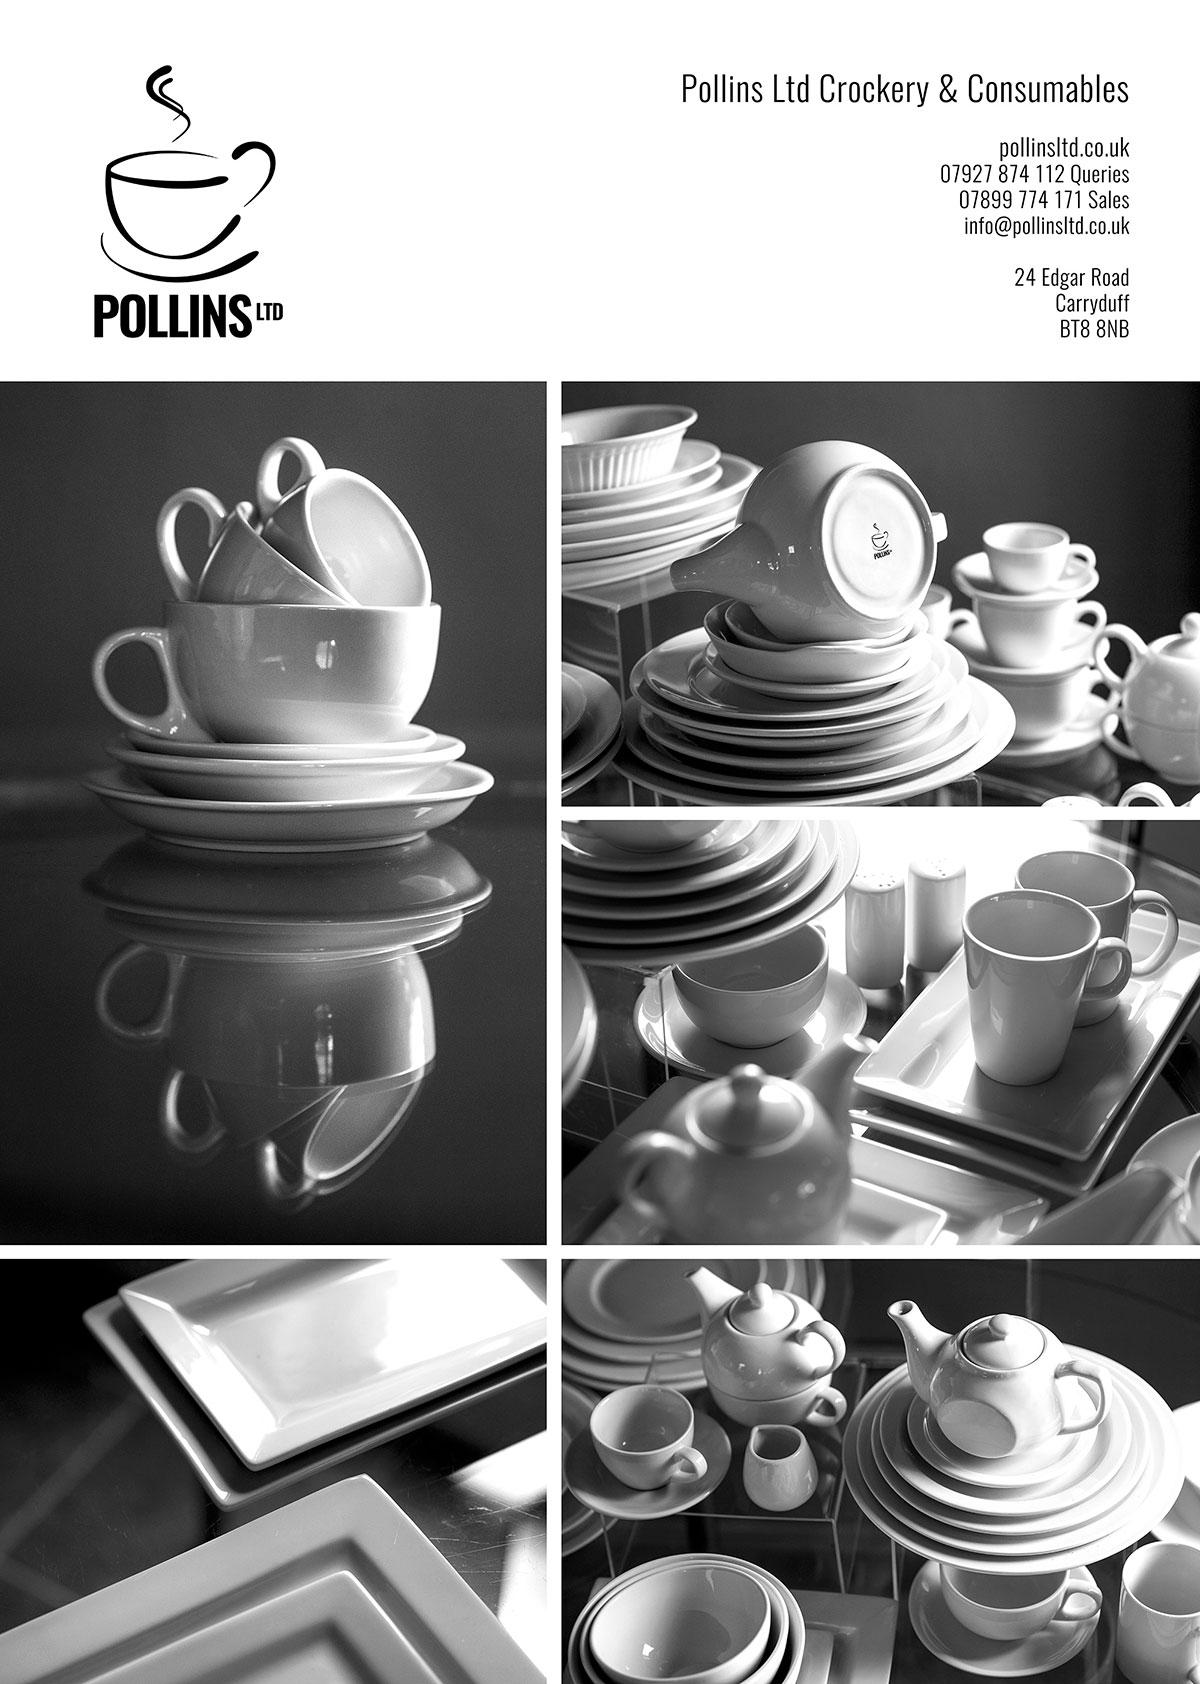 catering-crockery-brochure-1.jpg